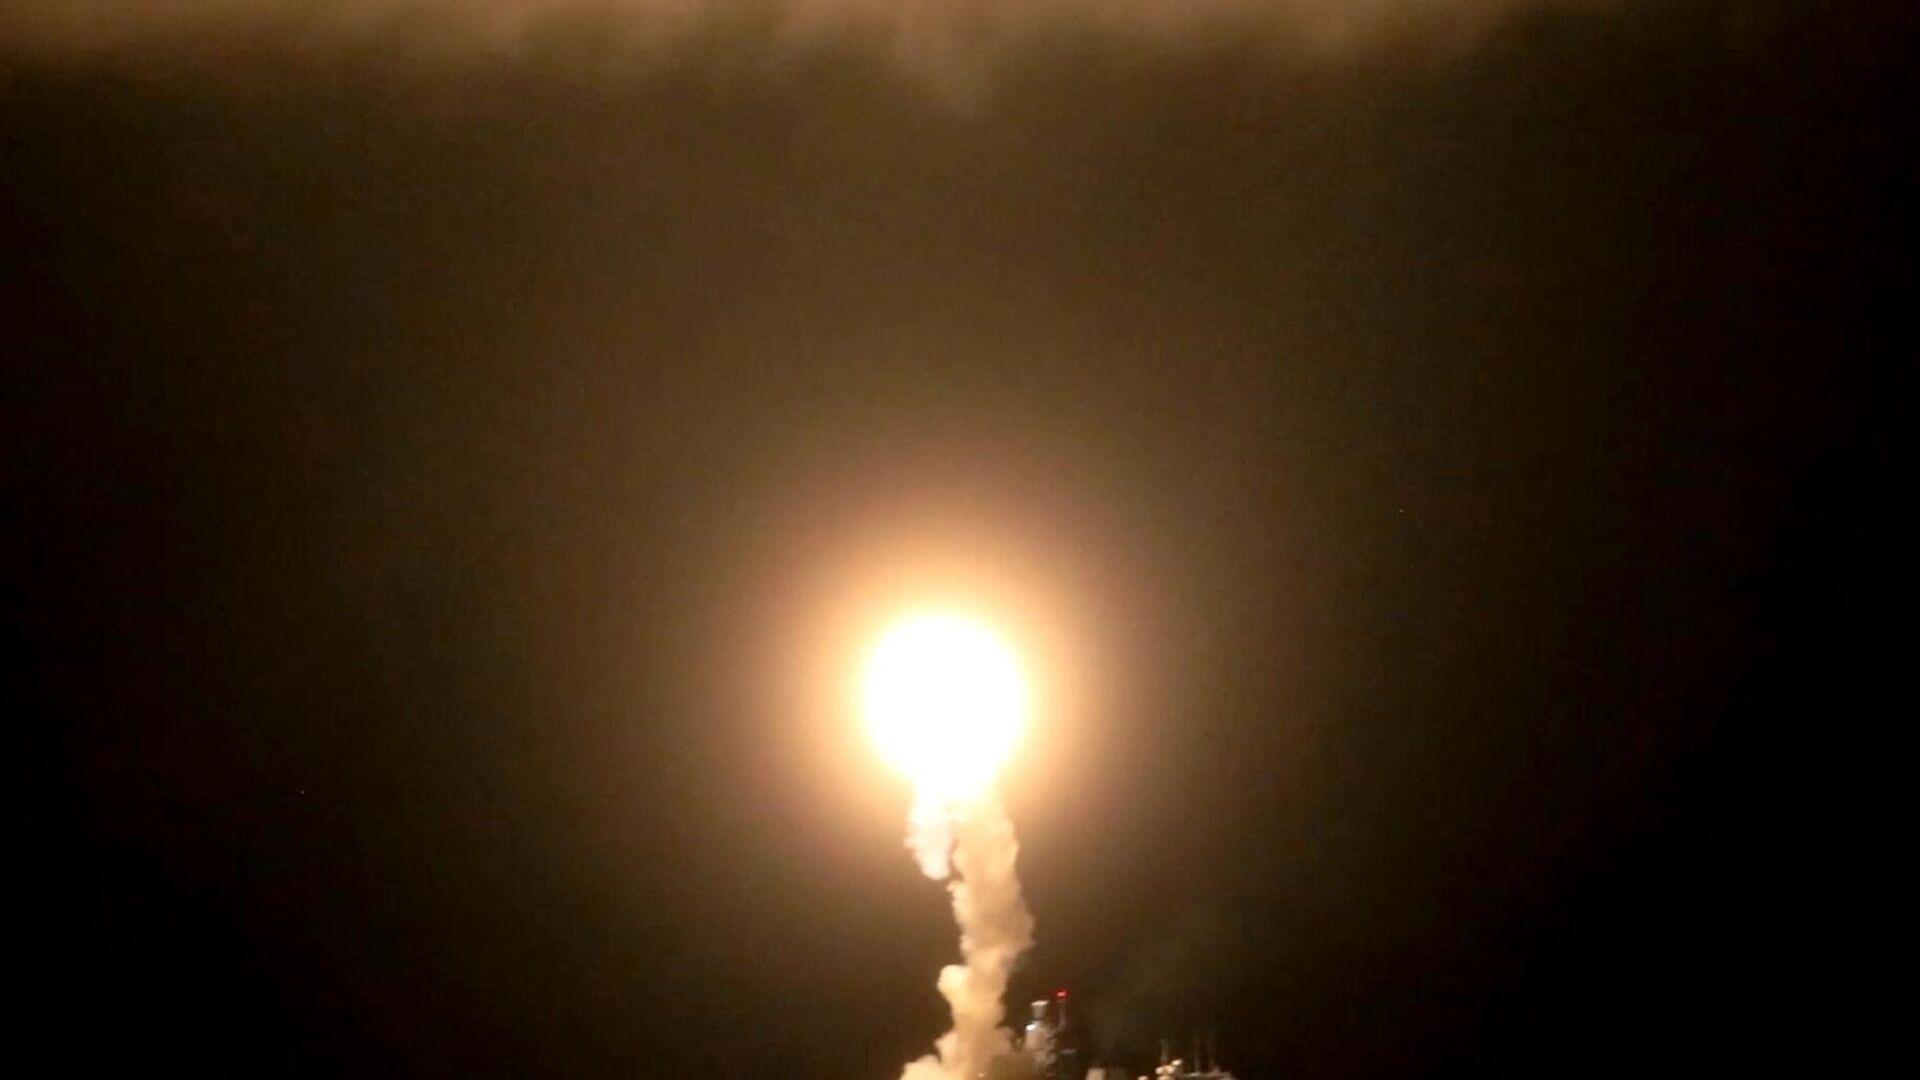 Запуск гиперзвуковой ракеты Циркон с фрегата Адмирал Горшков в акватории Северного Ледовитого океана - РИА Новости, 1920, 02.04.2021